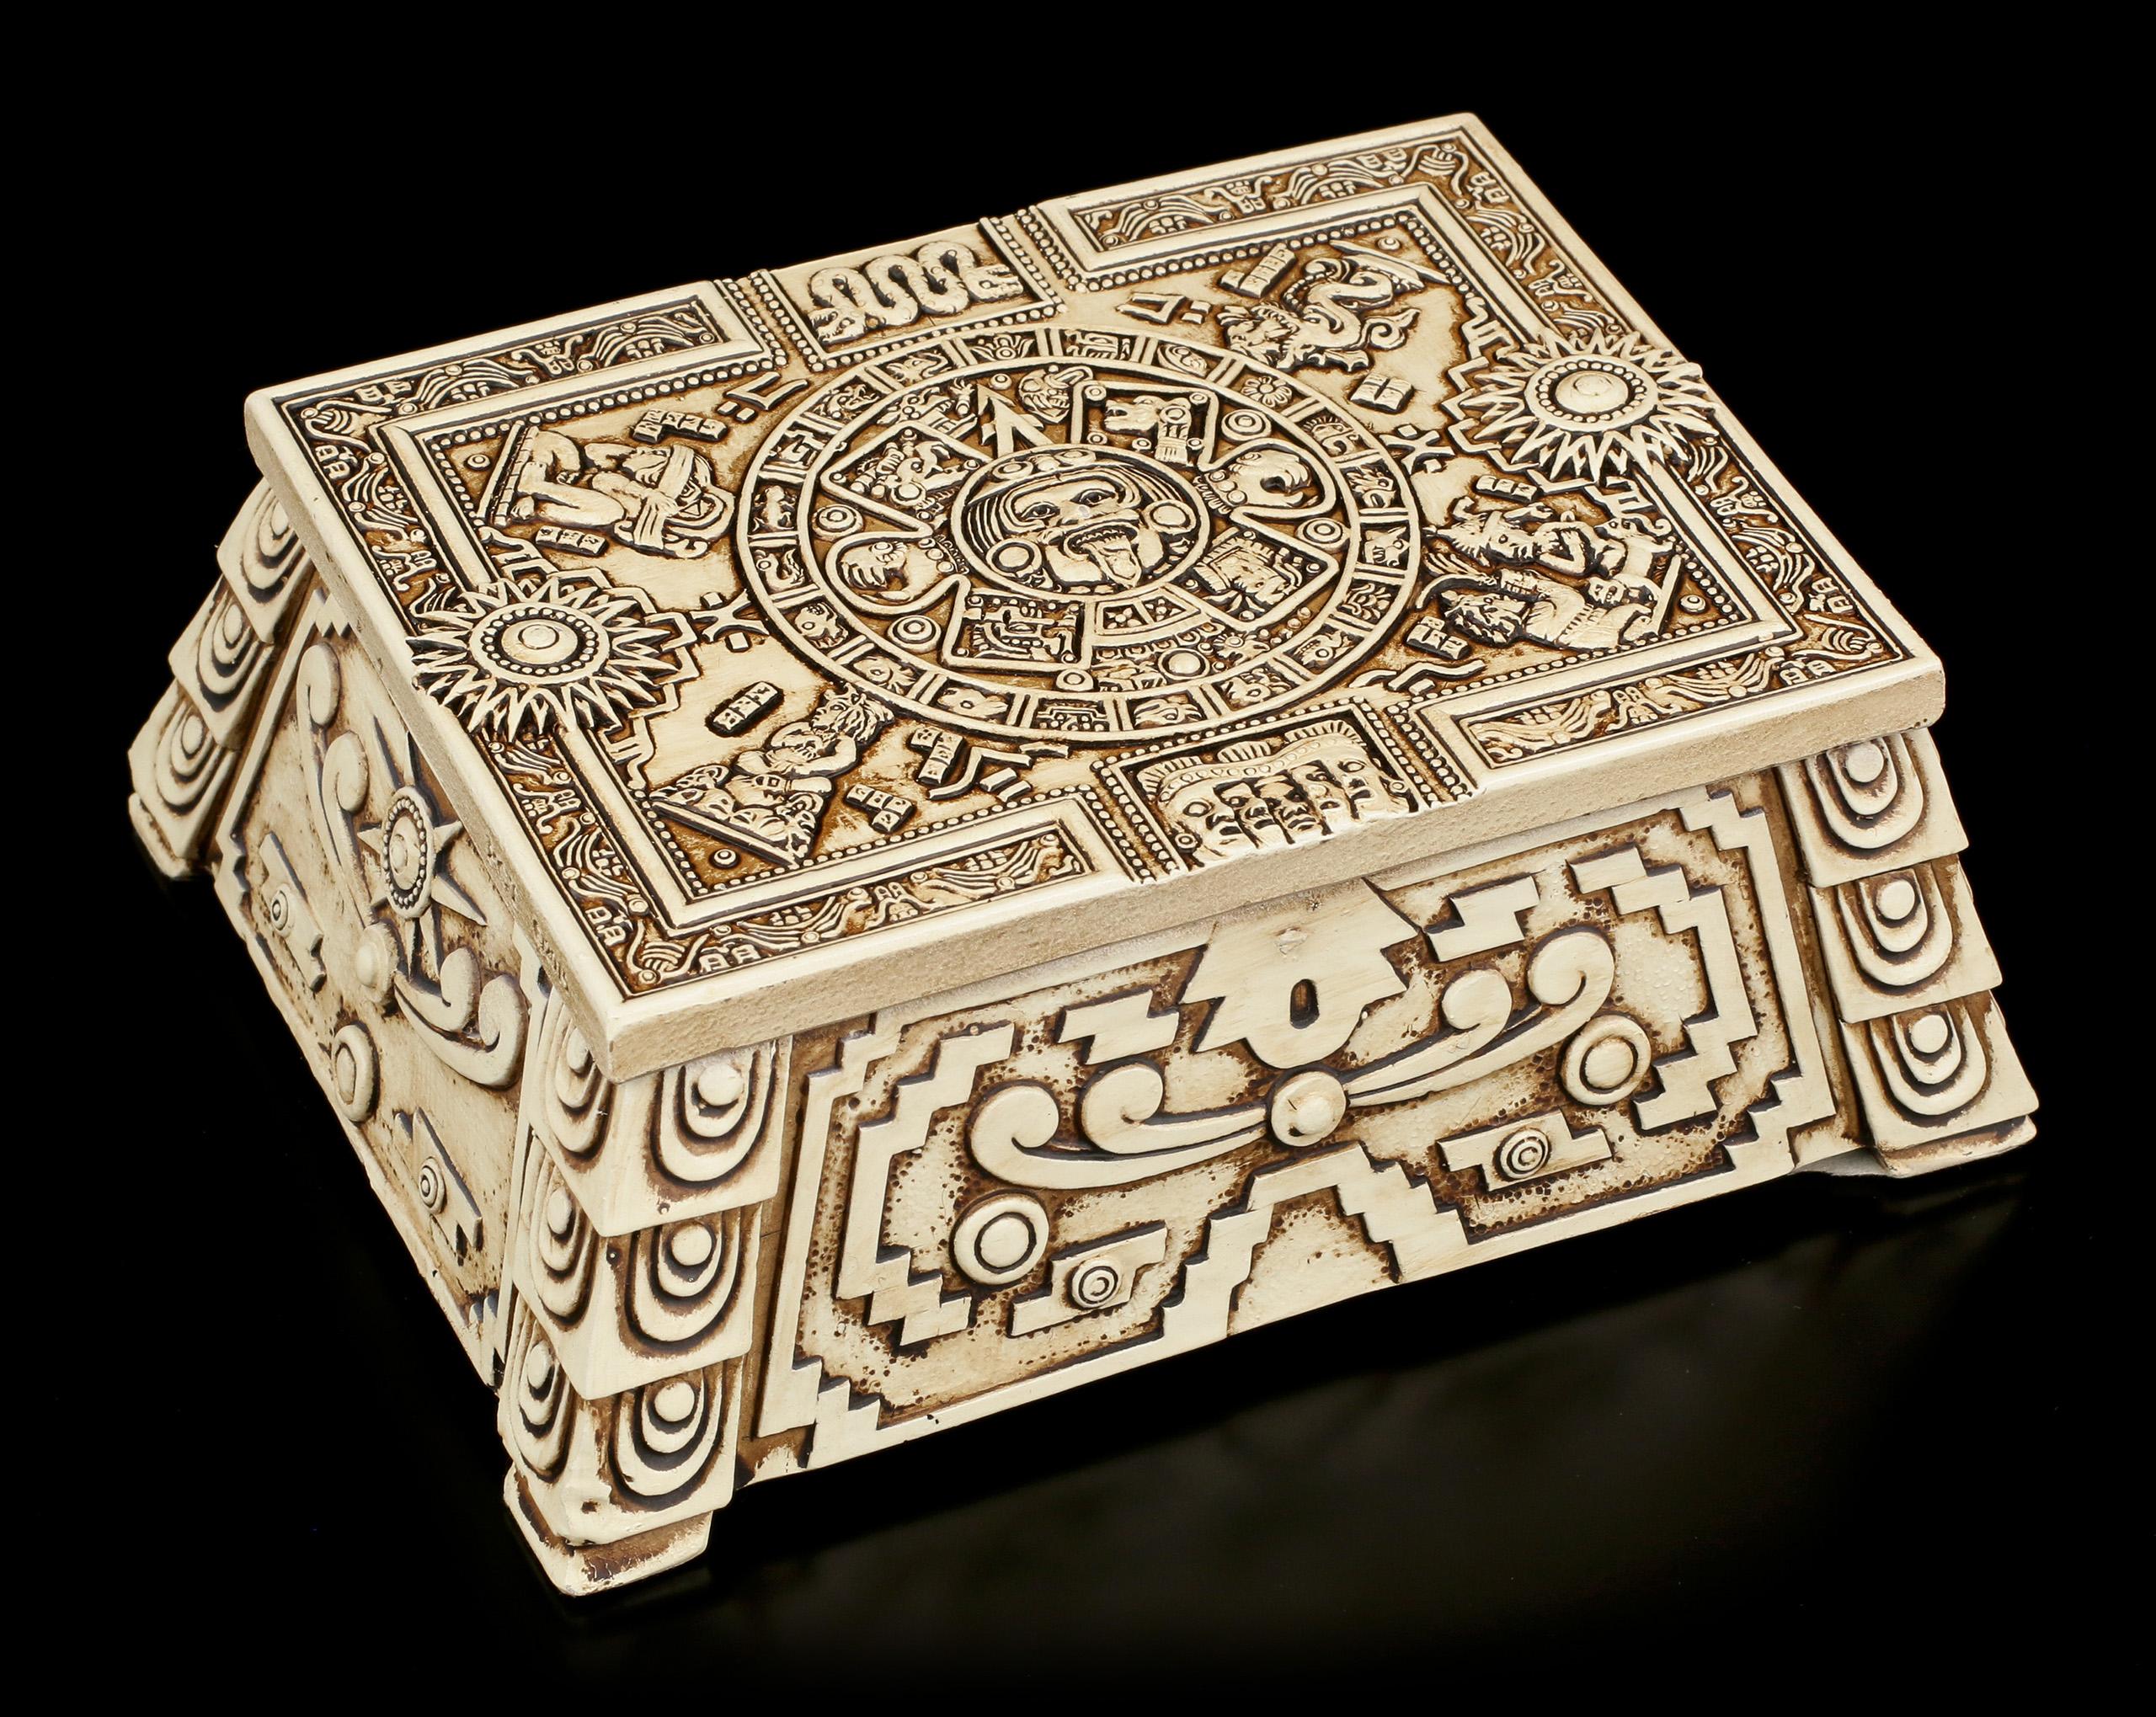 Mayan calendar stash box